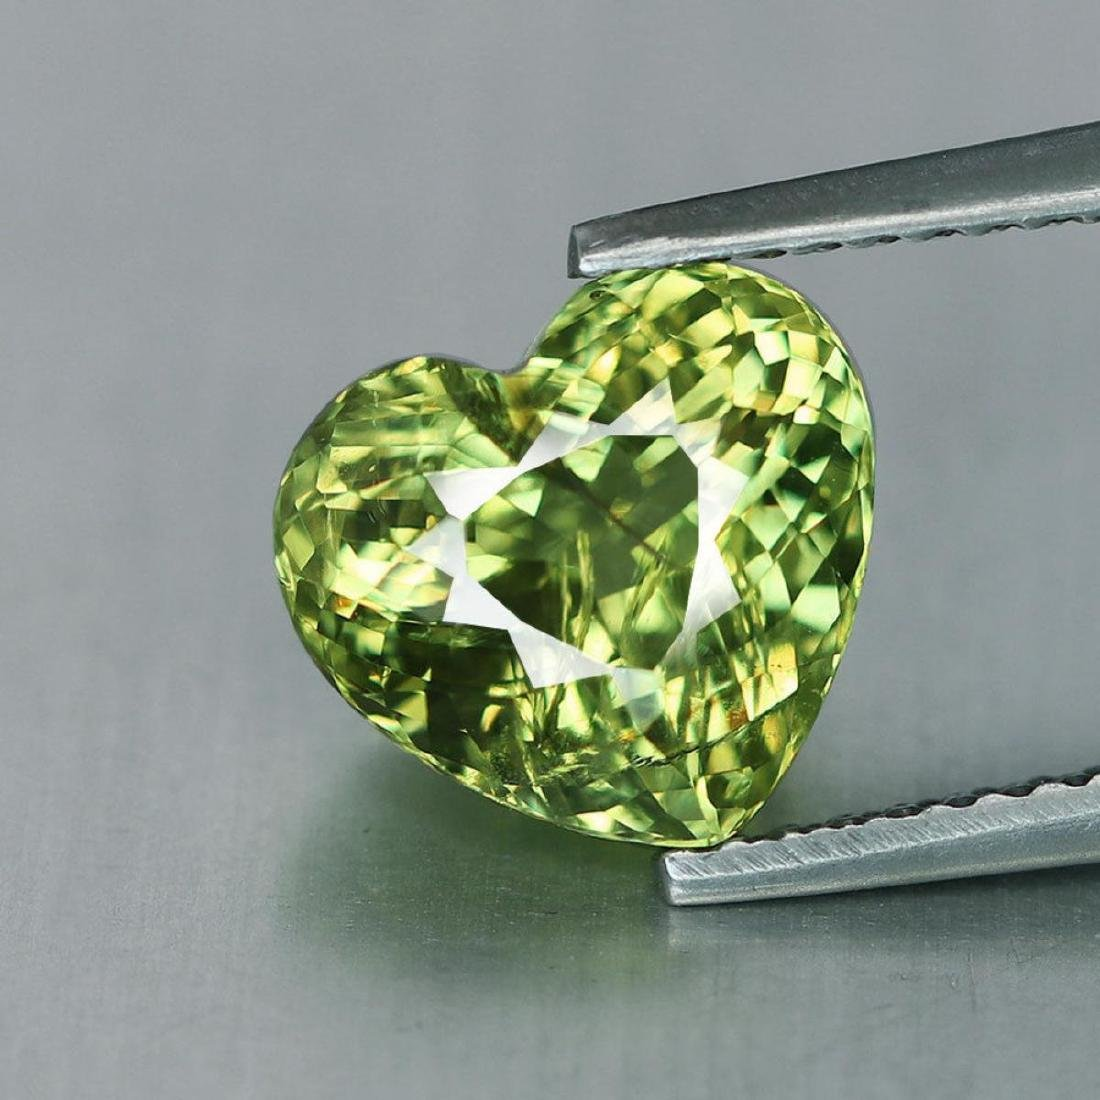 Natural Mali Garnet Heart 2.97 Carats